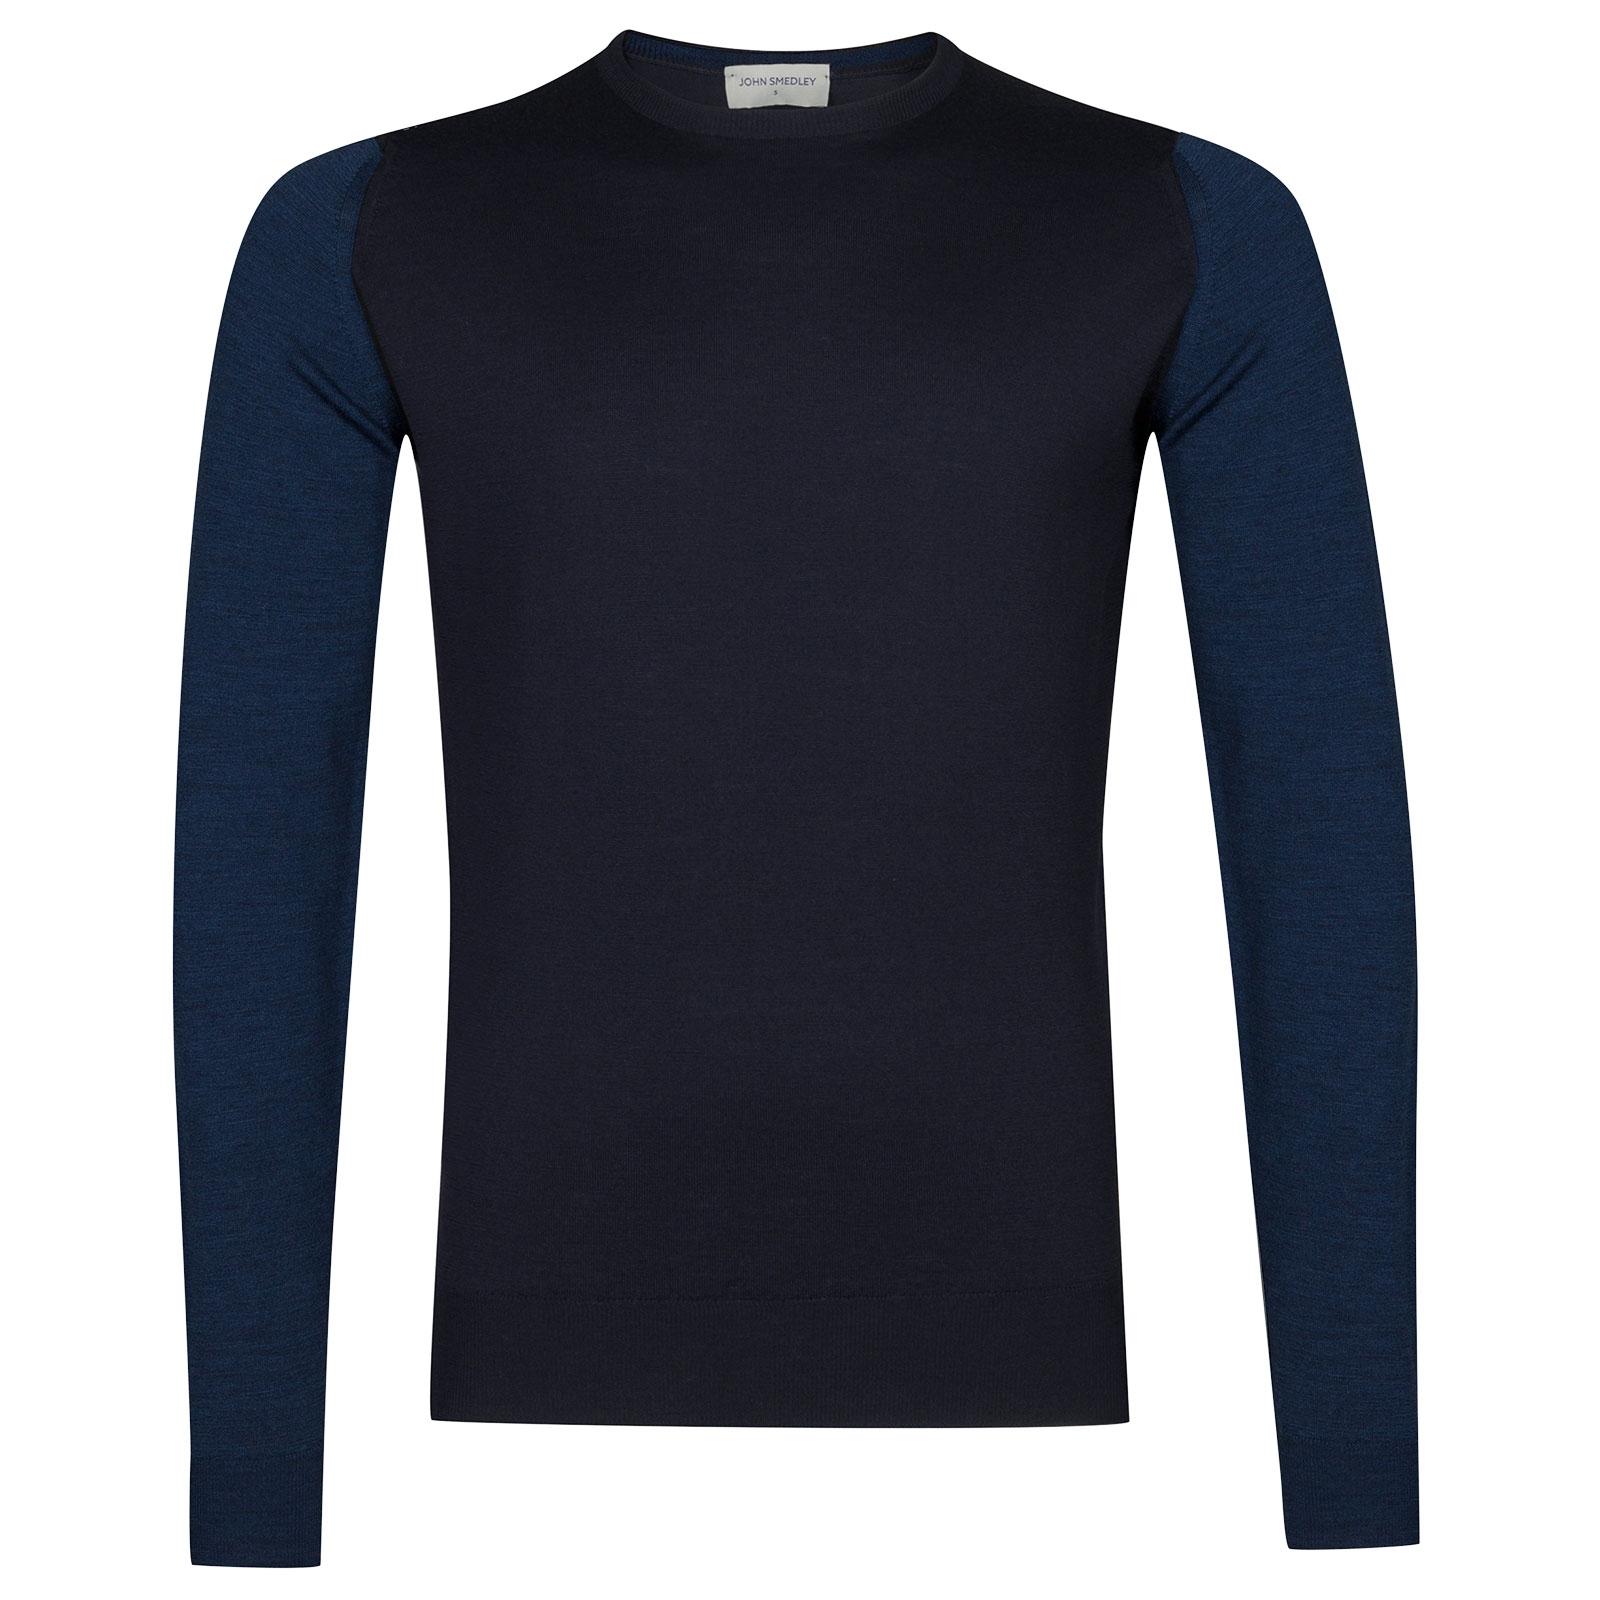 John Smedley Hindlow Extra Fine Merino Wool Pullover in Midnight-L